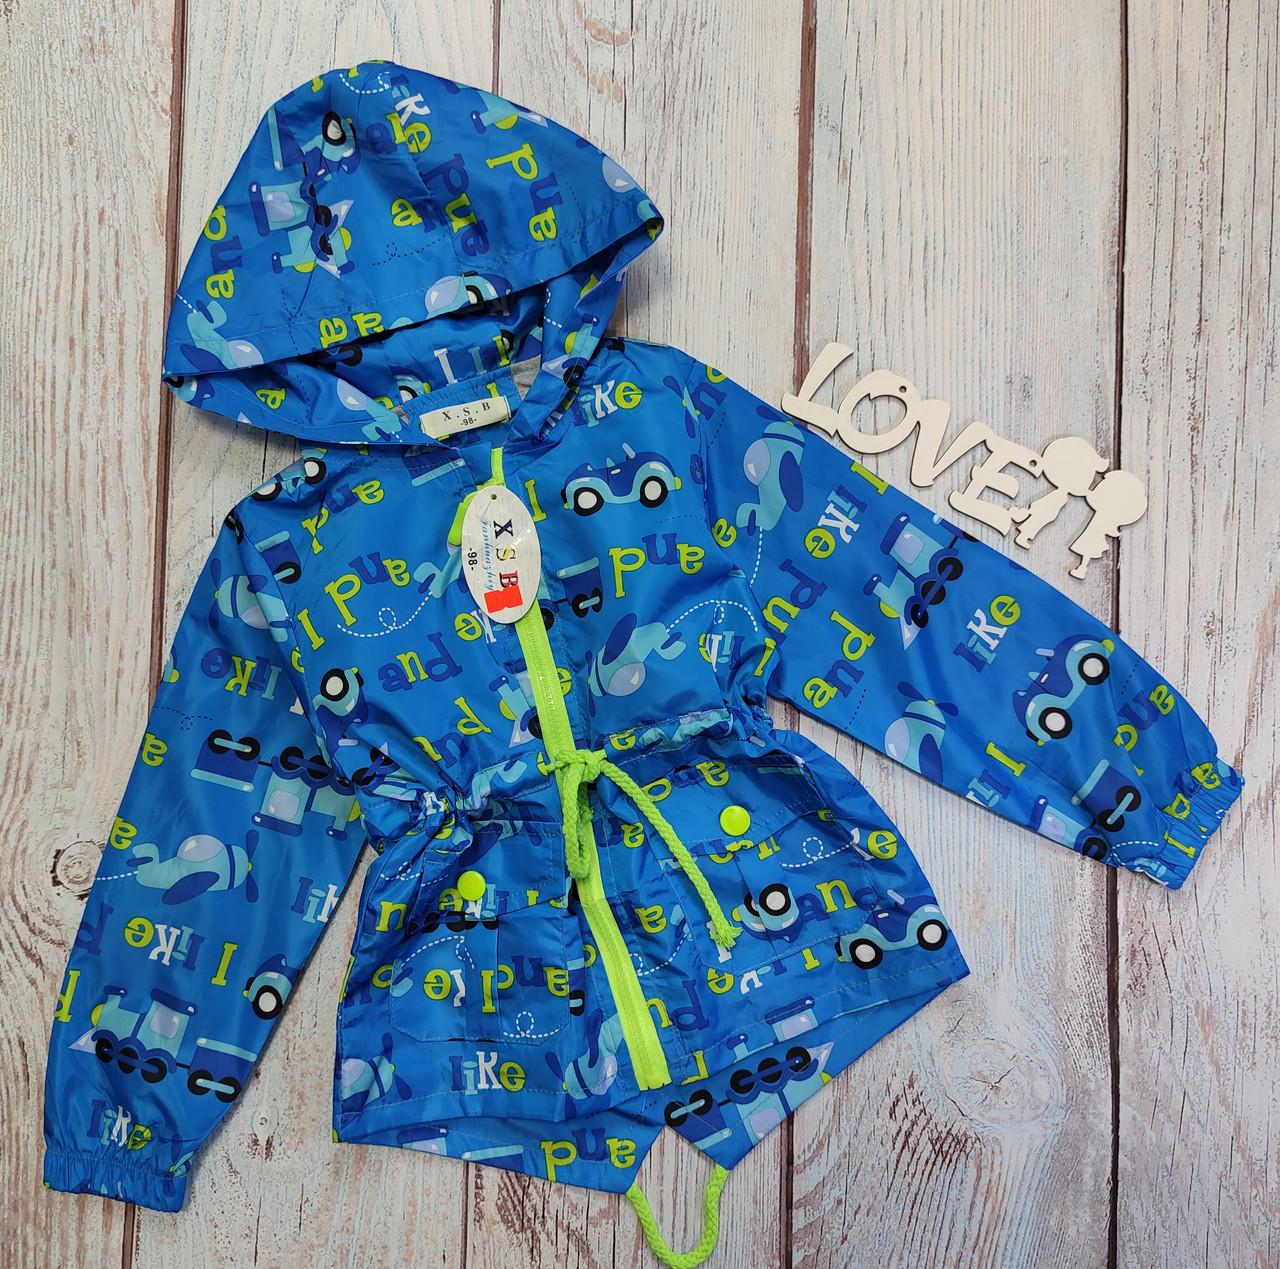 Демисезонная детская куртка ветровка для мальчика голубая машинка 2-3 года